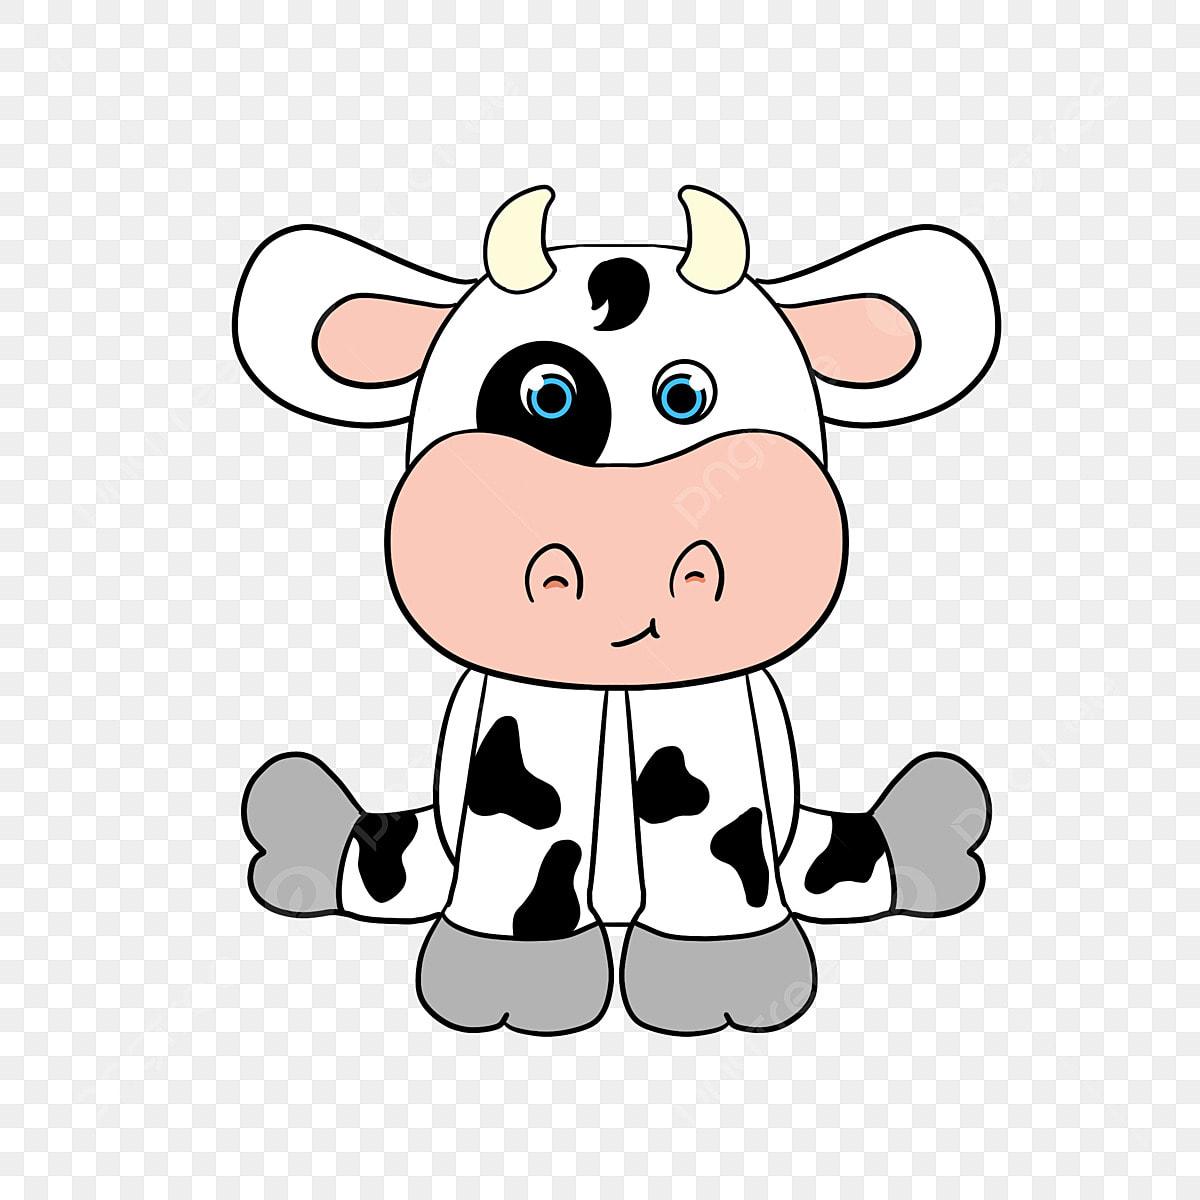 白黒可愛いキャラクターの乳牛 動物 動物イラスト アニメ画像とpsd